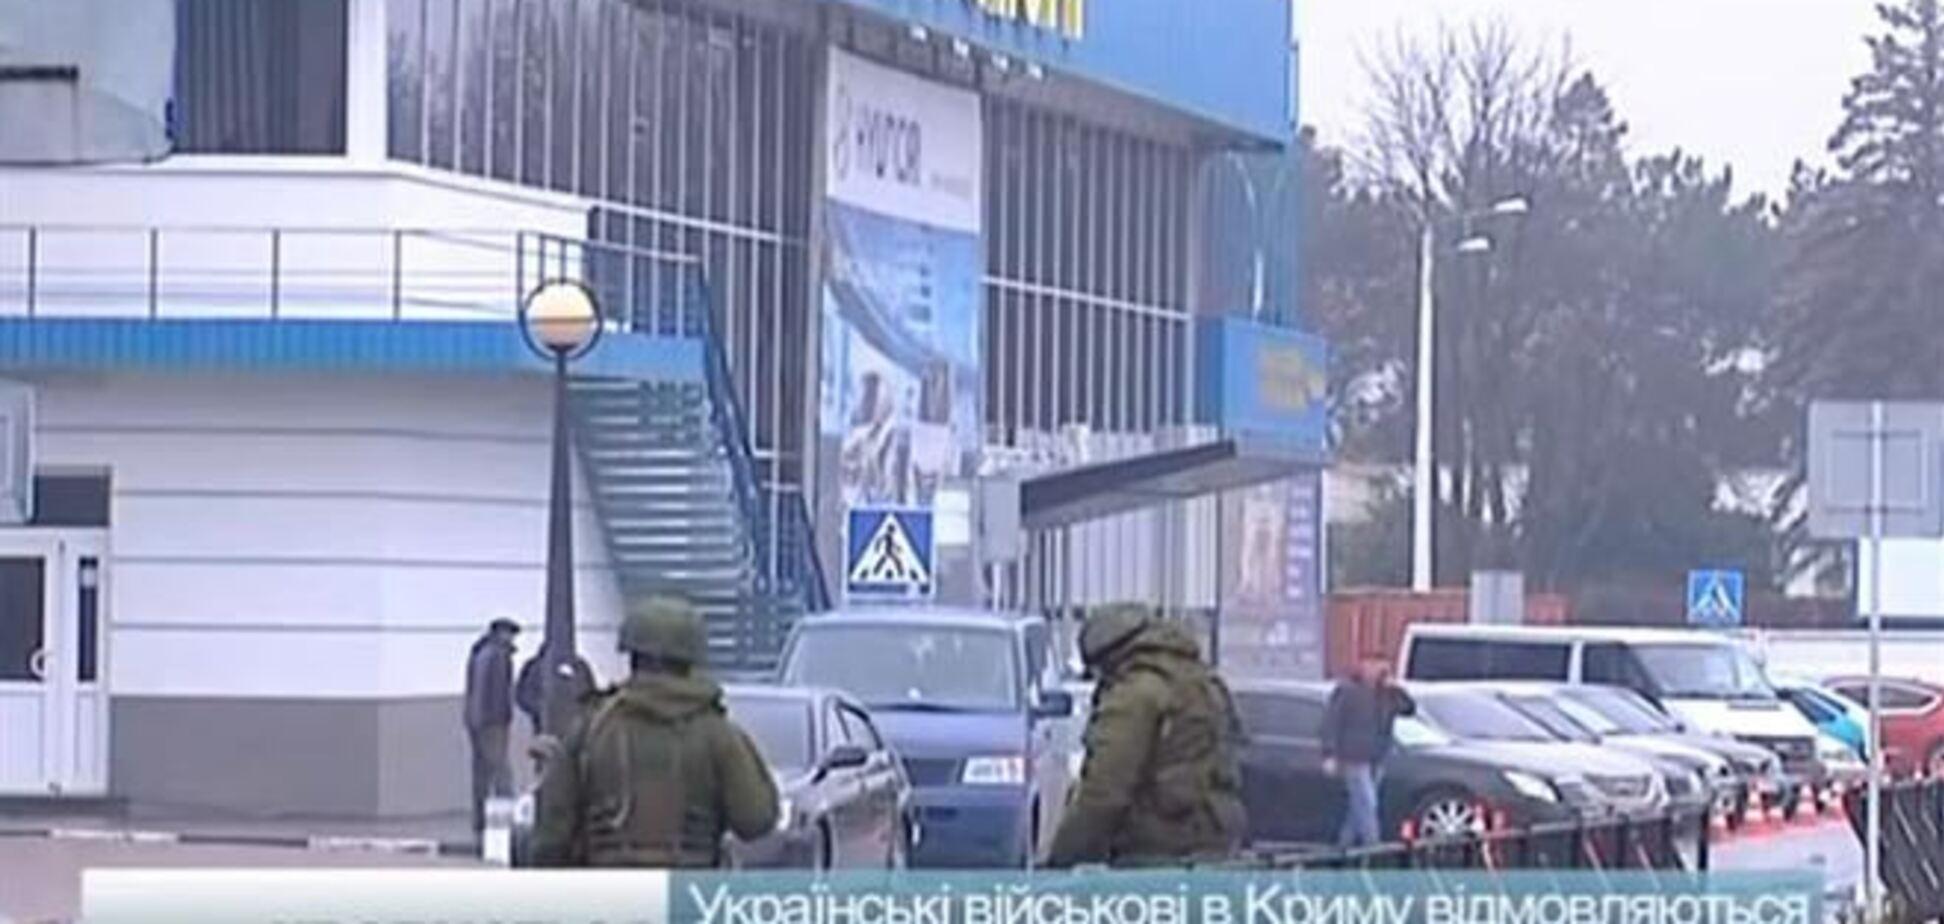 Украинские военные в Крыму остаются верными присяге